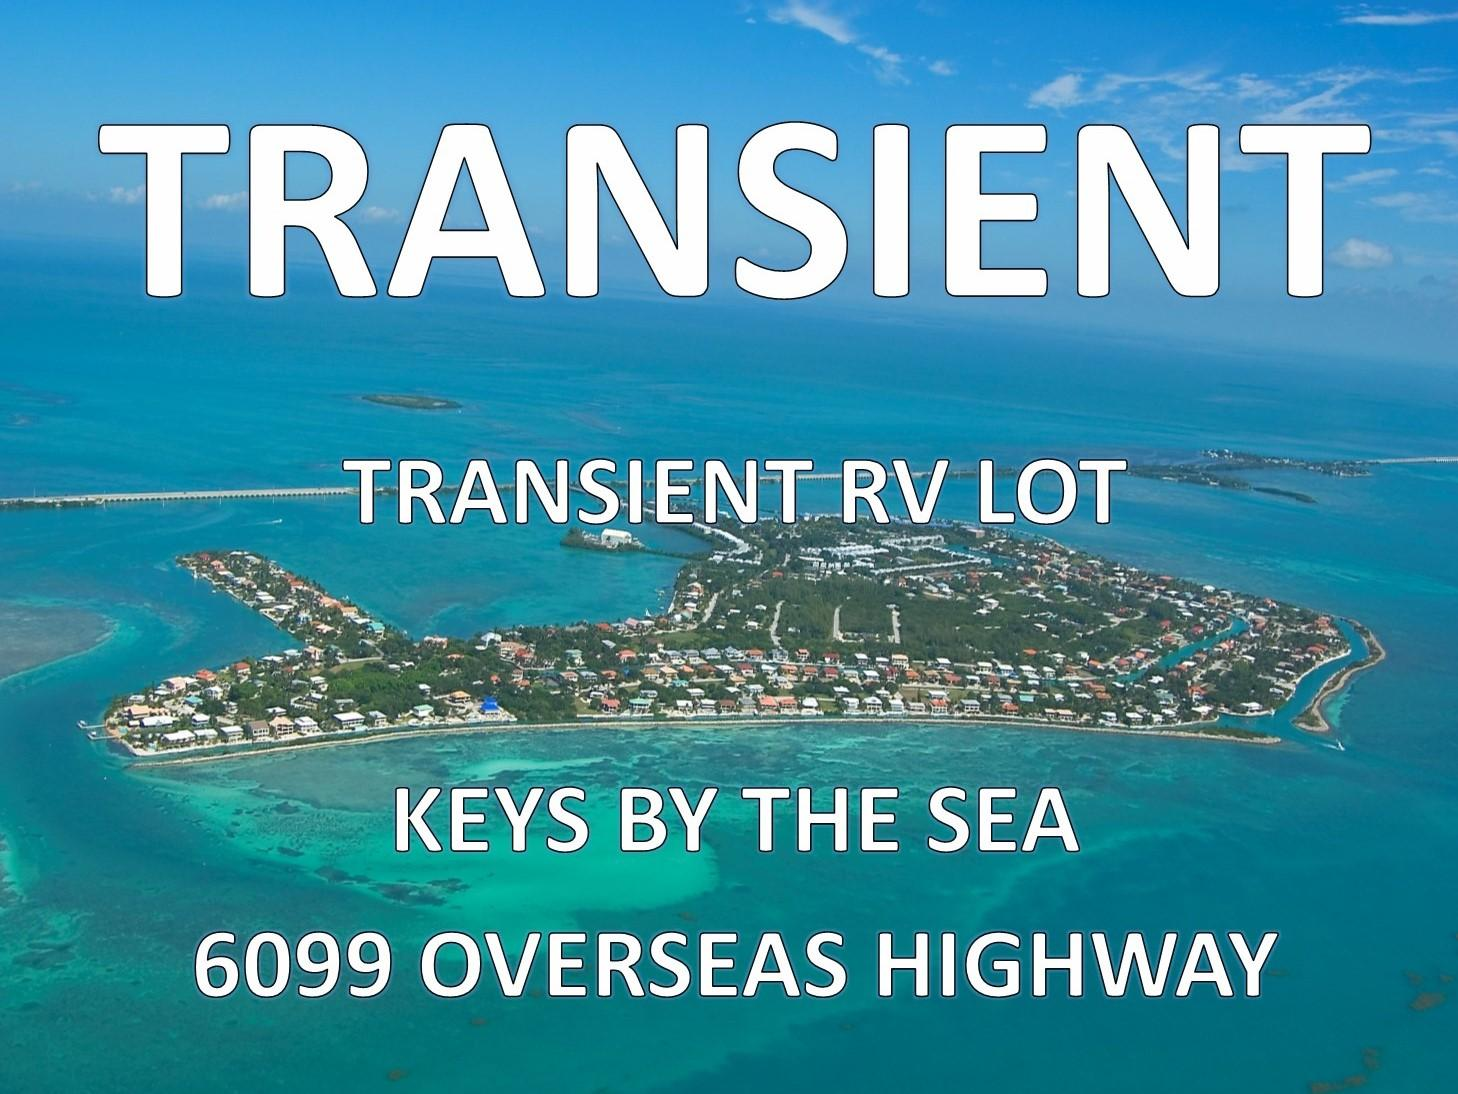 6099 Overseas Highway 110w